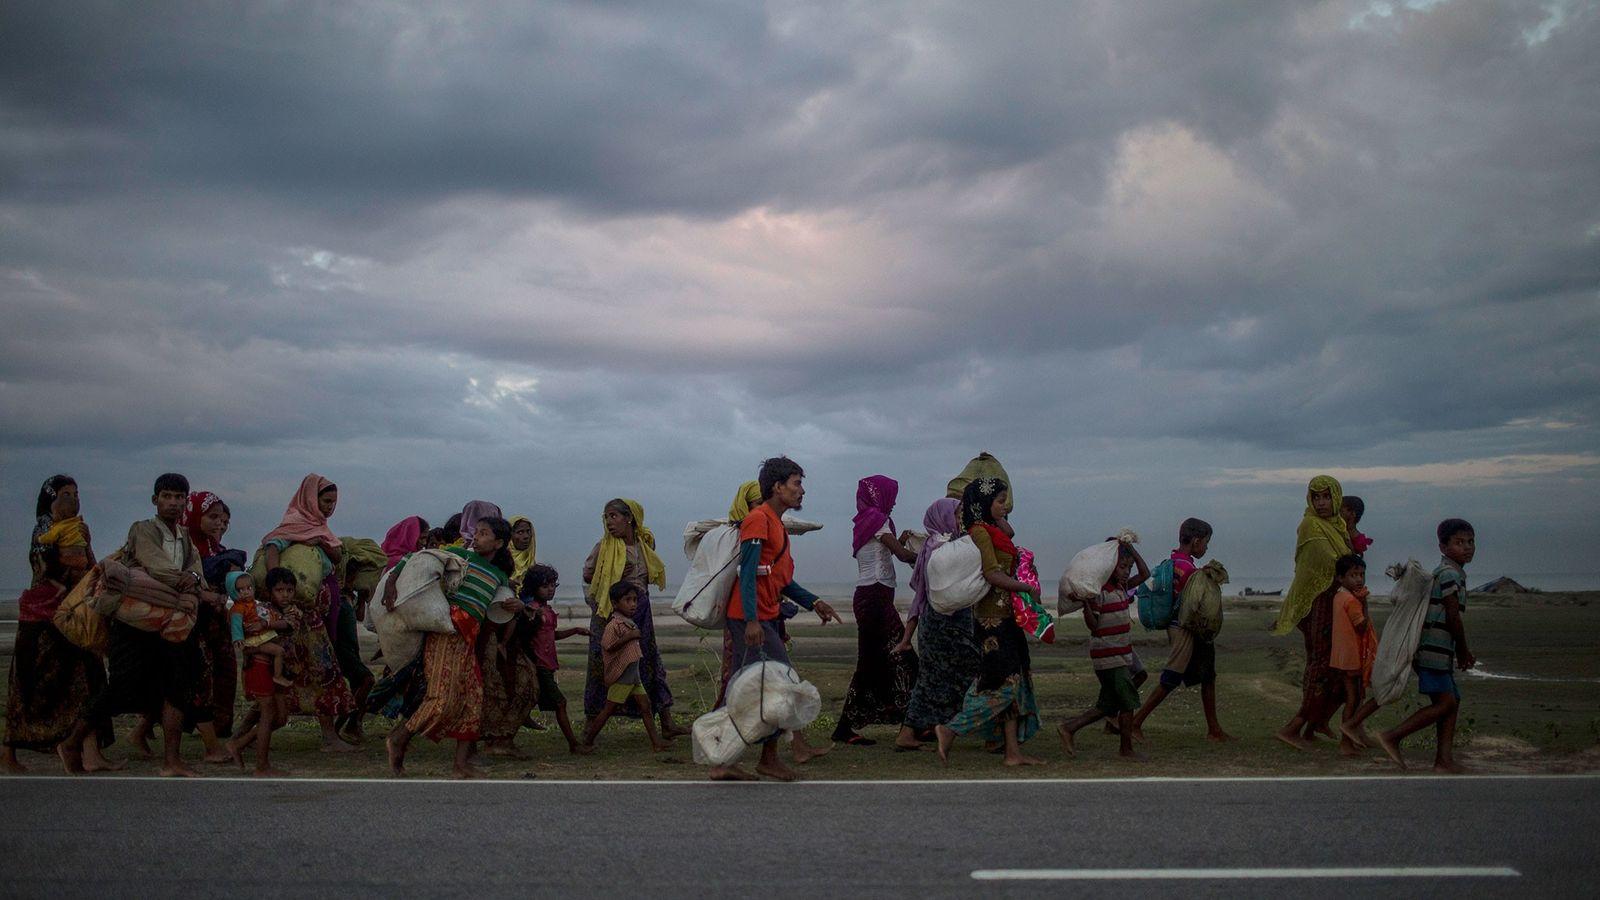 EuroMedDroits : Les migrants et réfugiés, des colis à trier aux yeux du Pacte européen